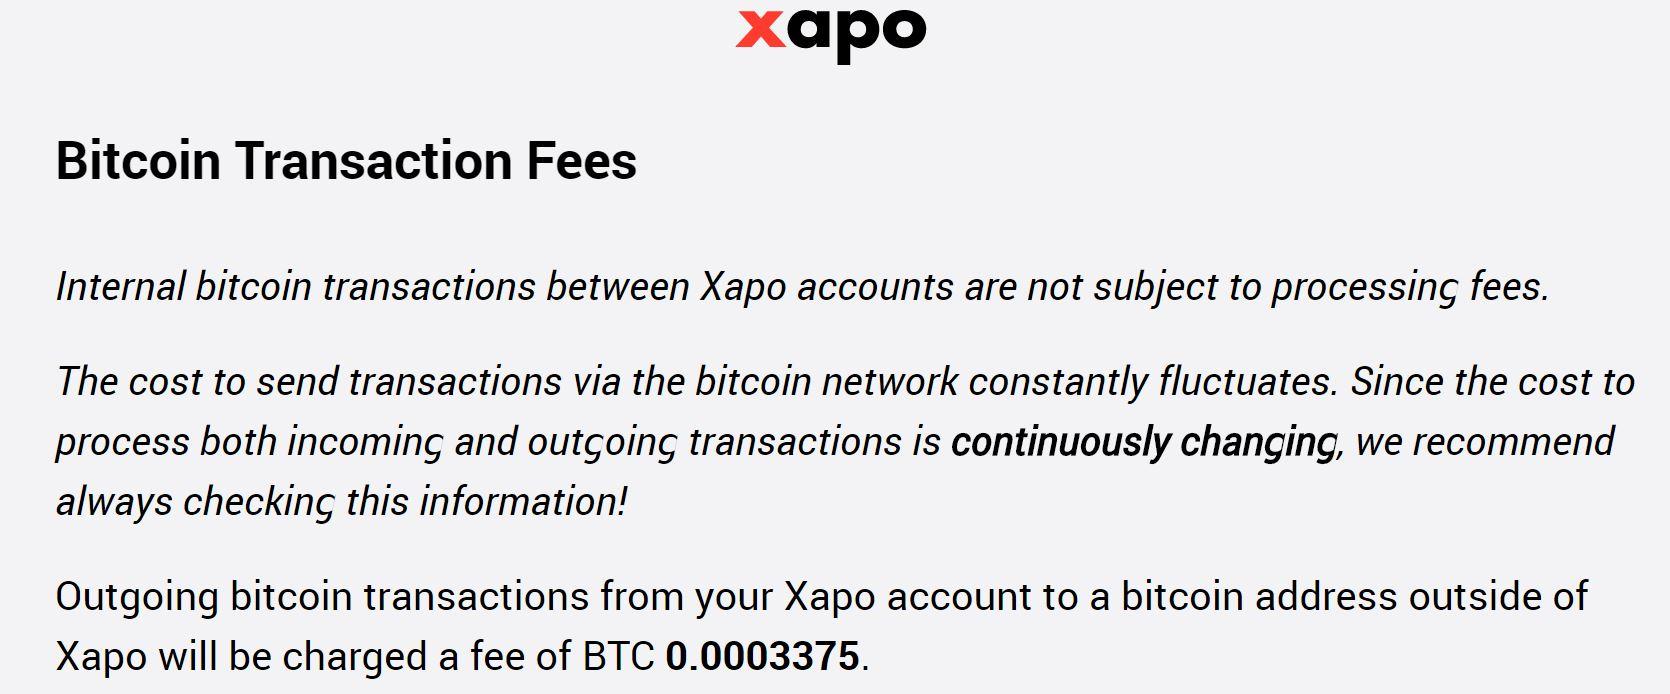 Xapo Bitcoin Fees